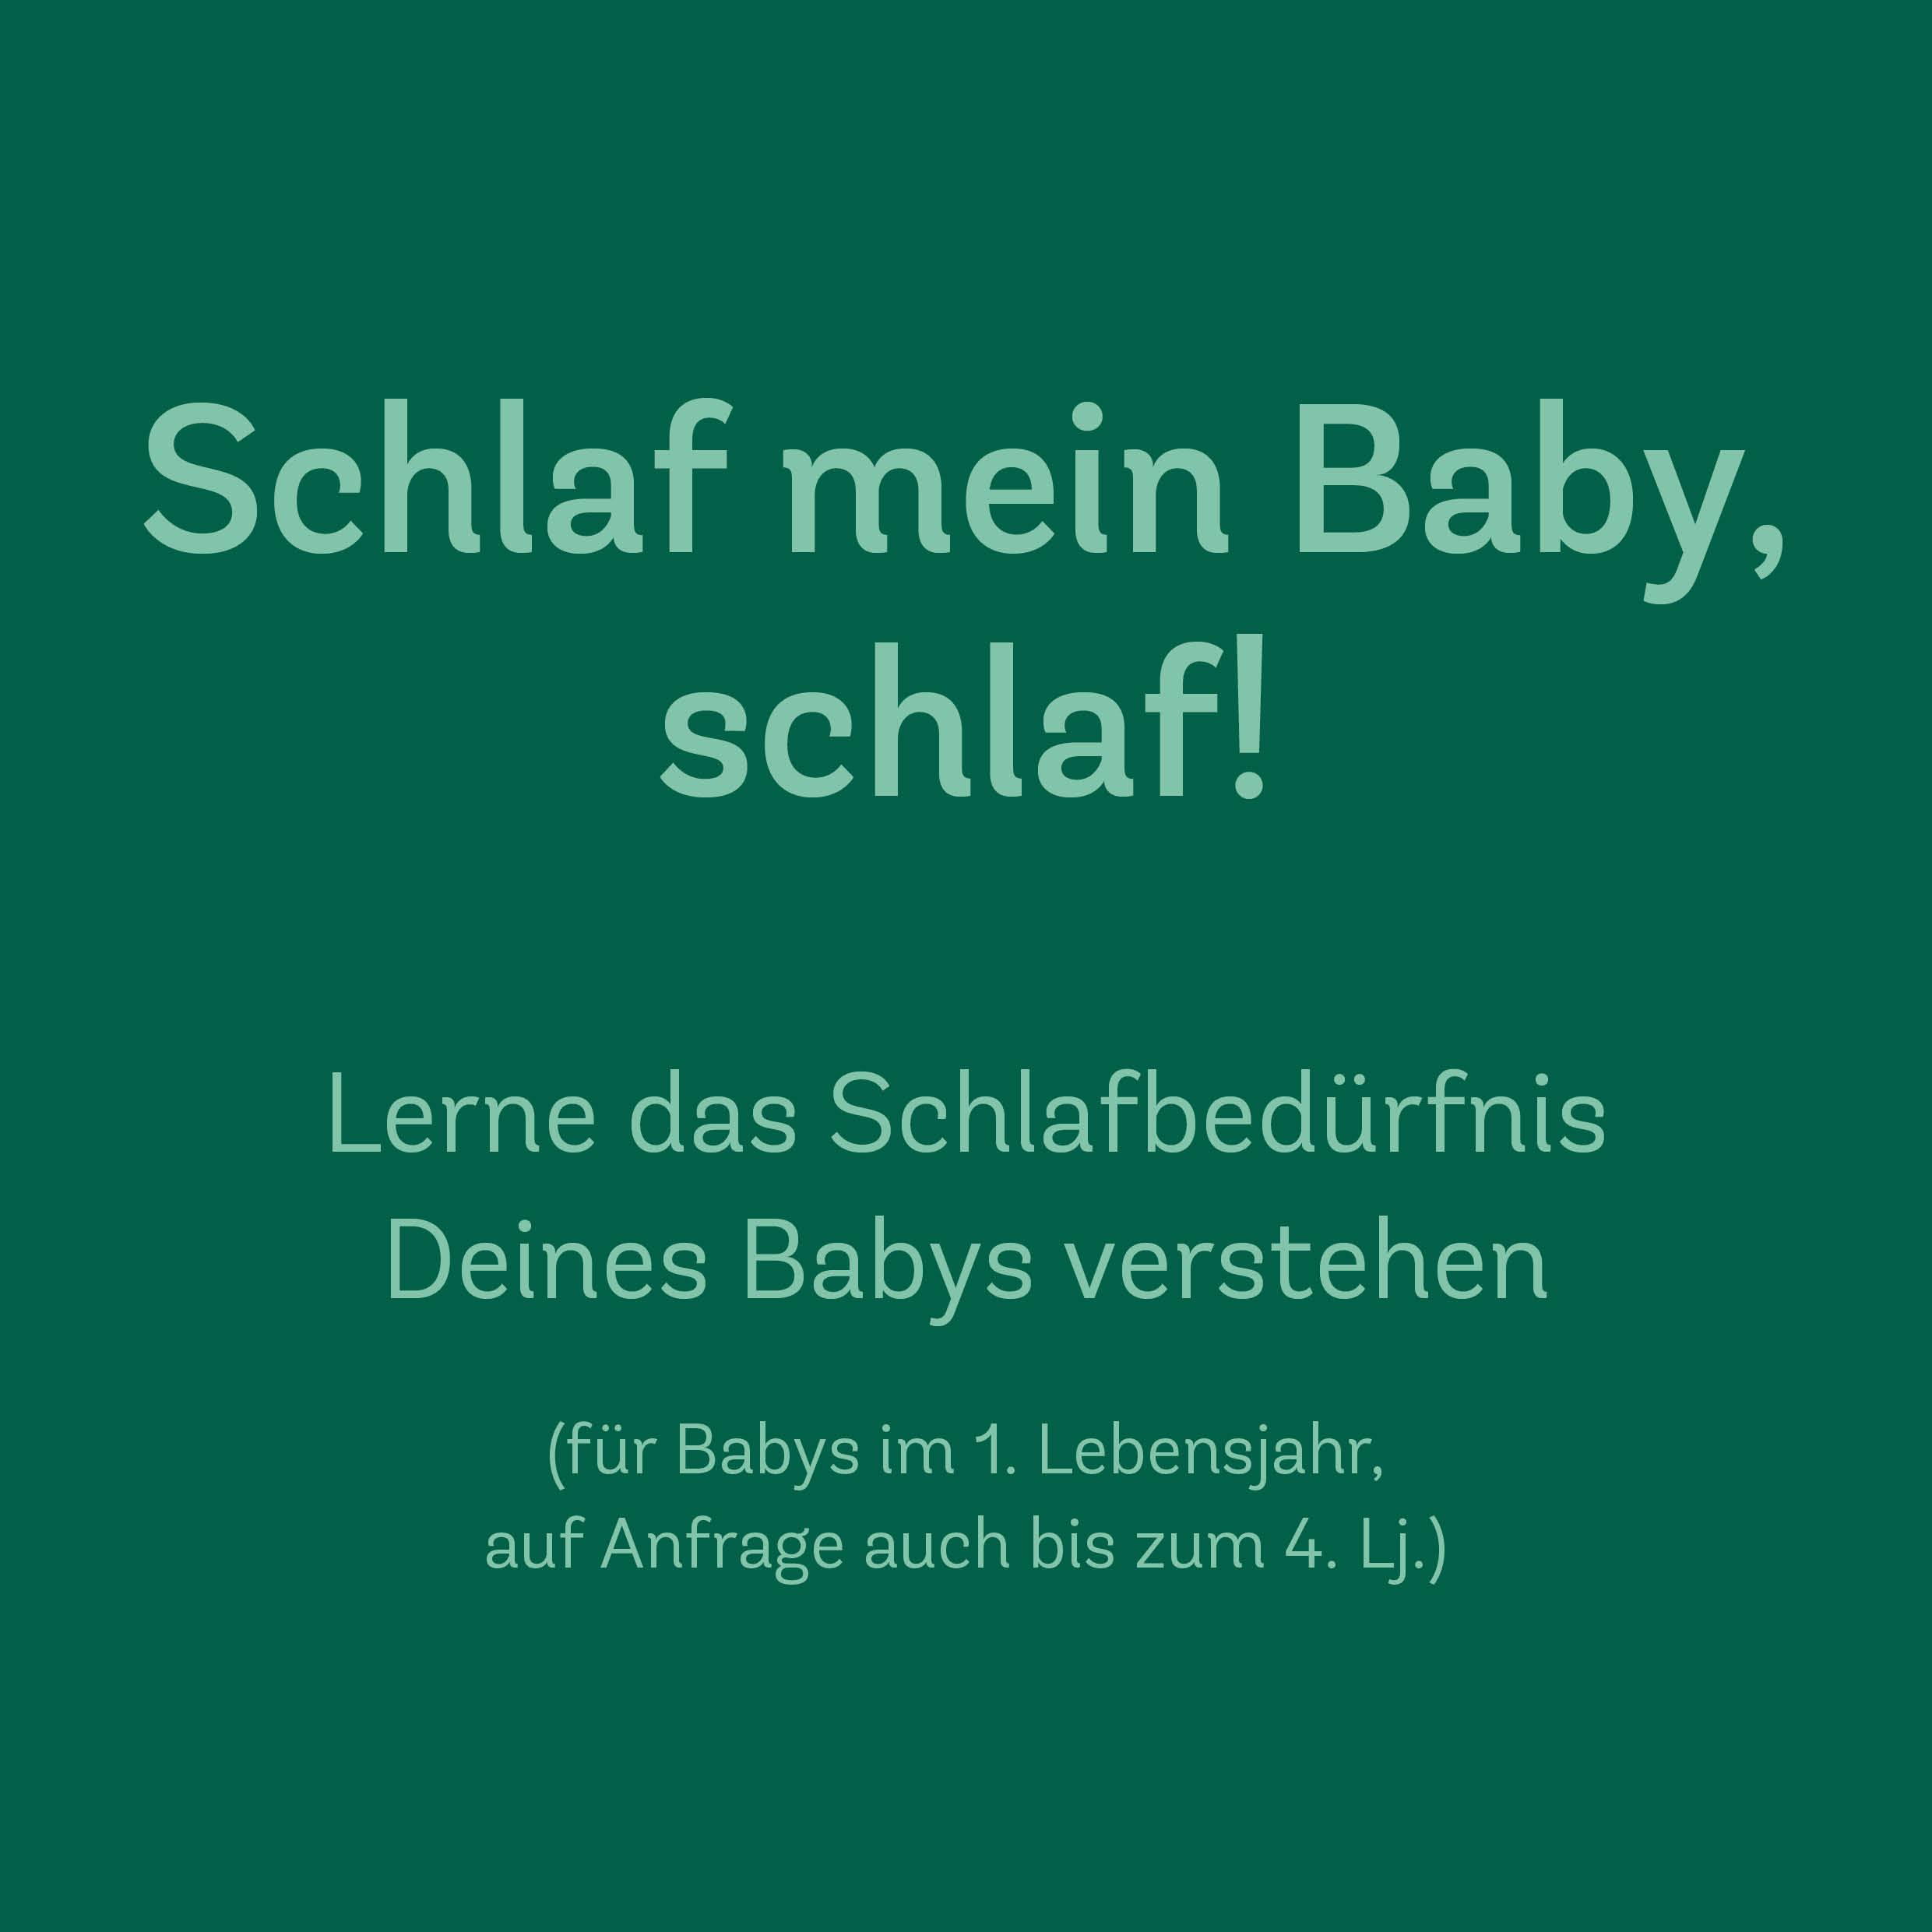 Schlaf mein Baby, Schlaf! – Onlinekurs